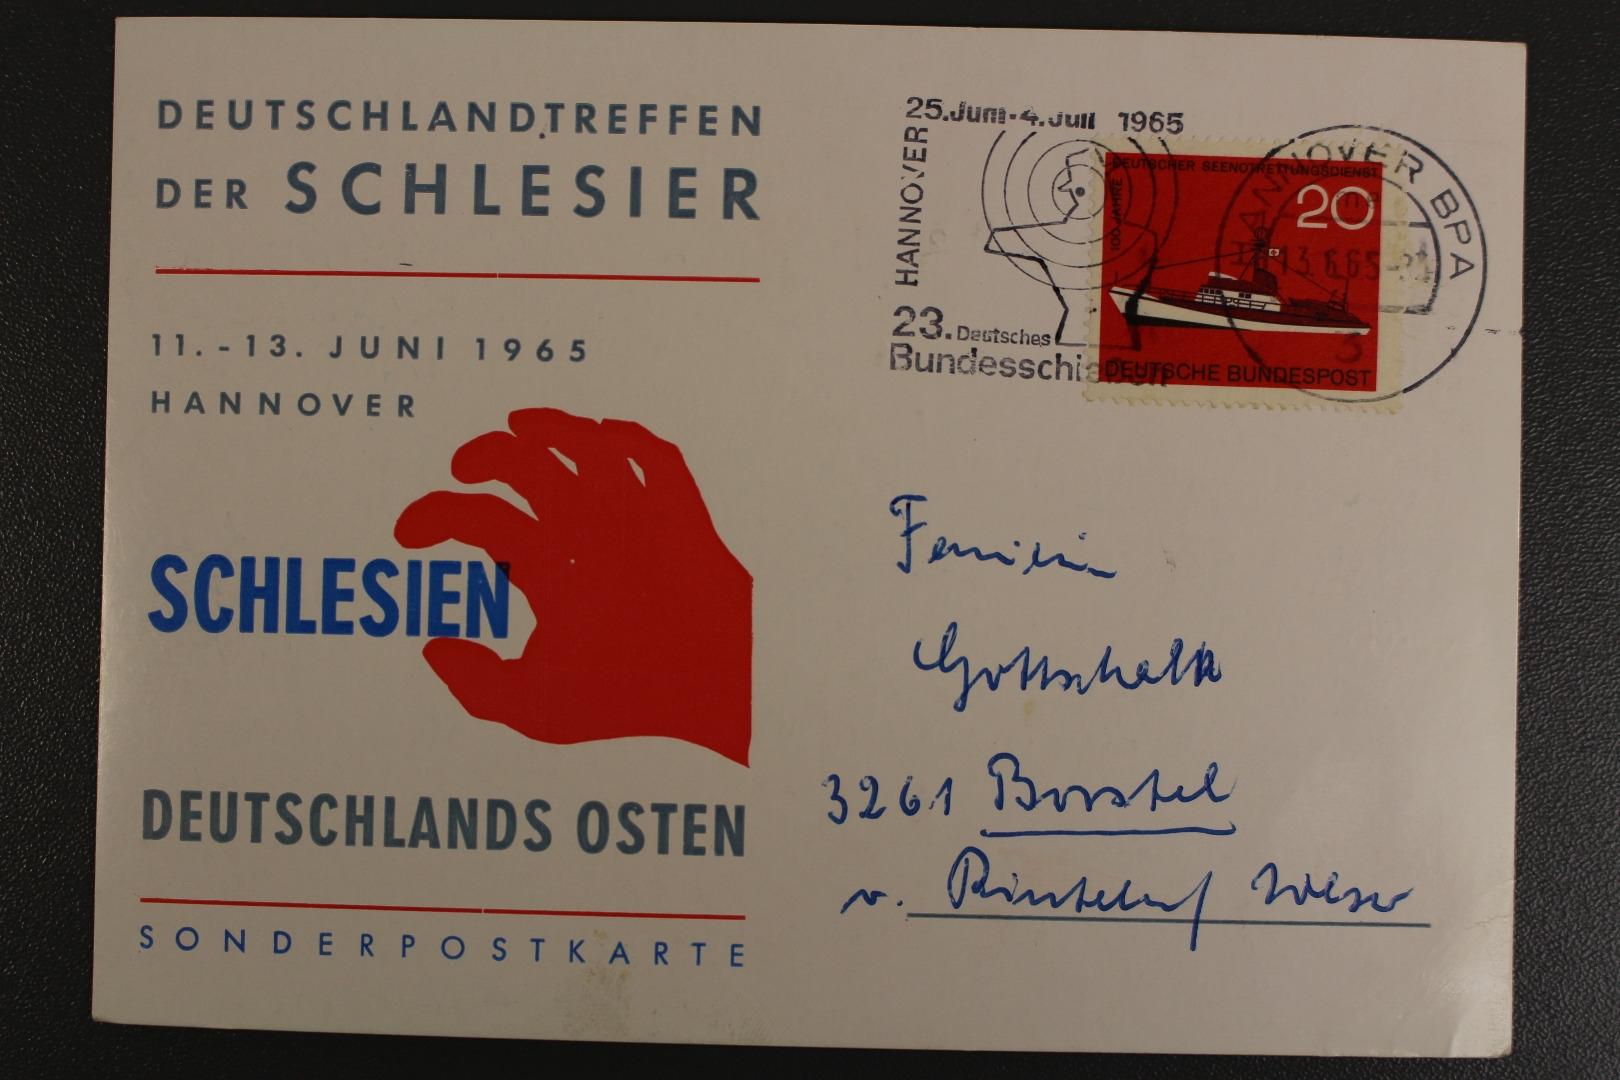 Hannover Deutschlandtreffen Der Schlesier 11 13 Juni 1965